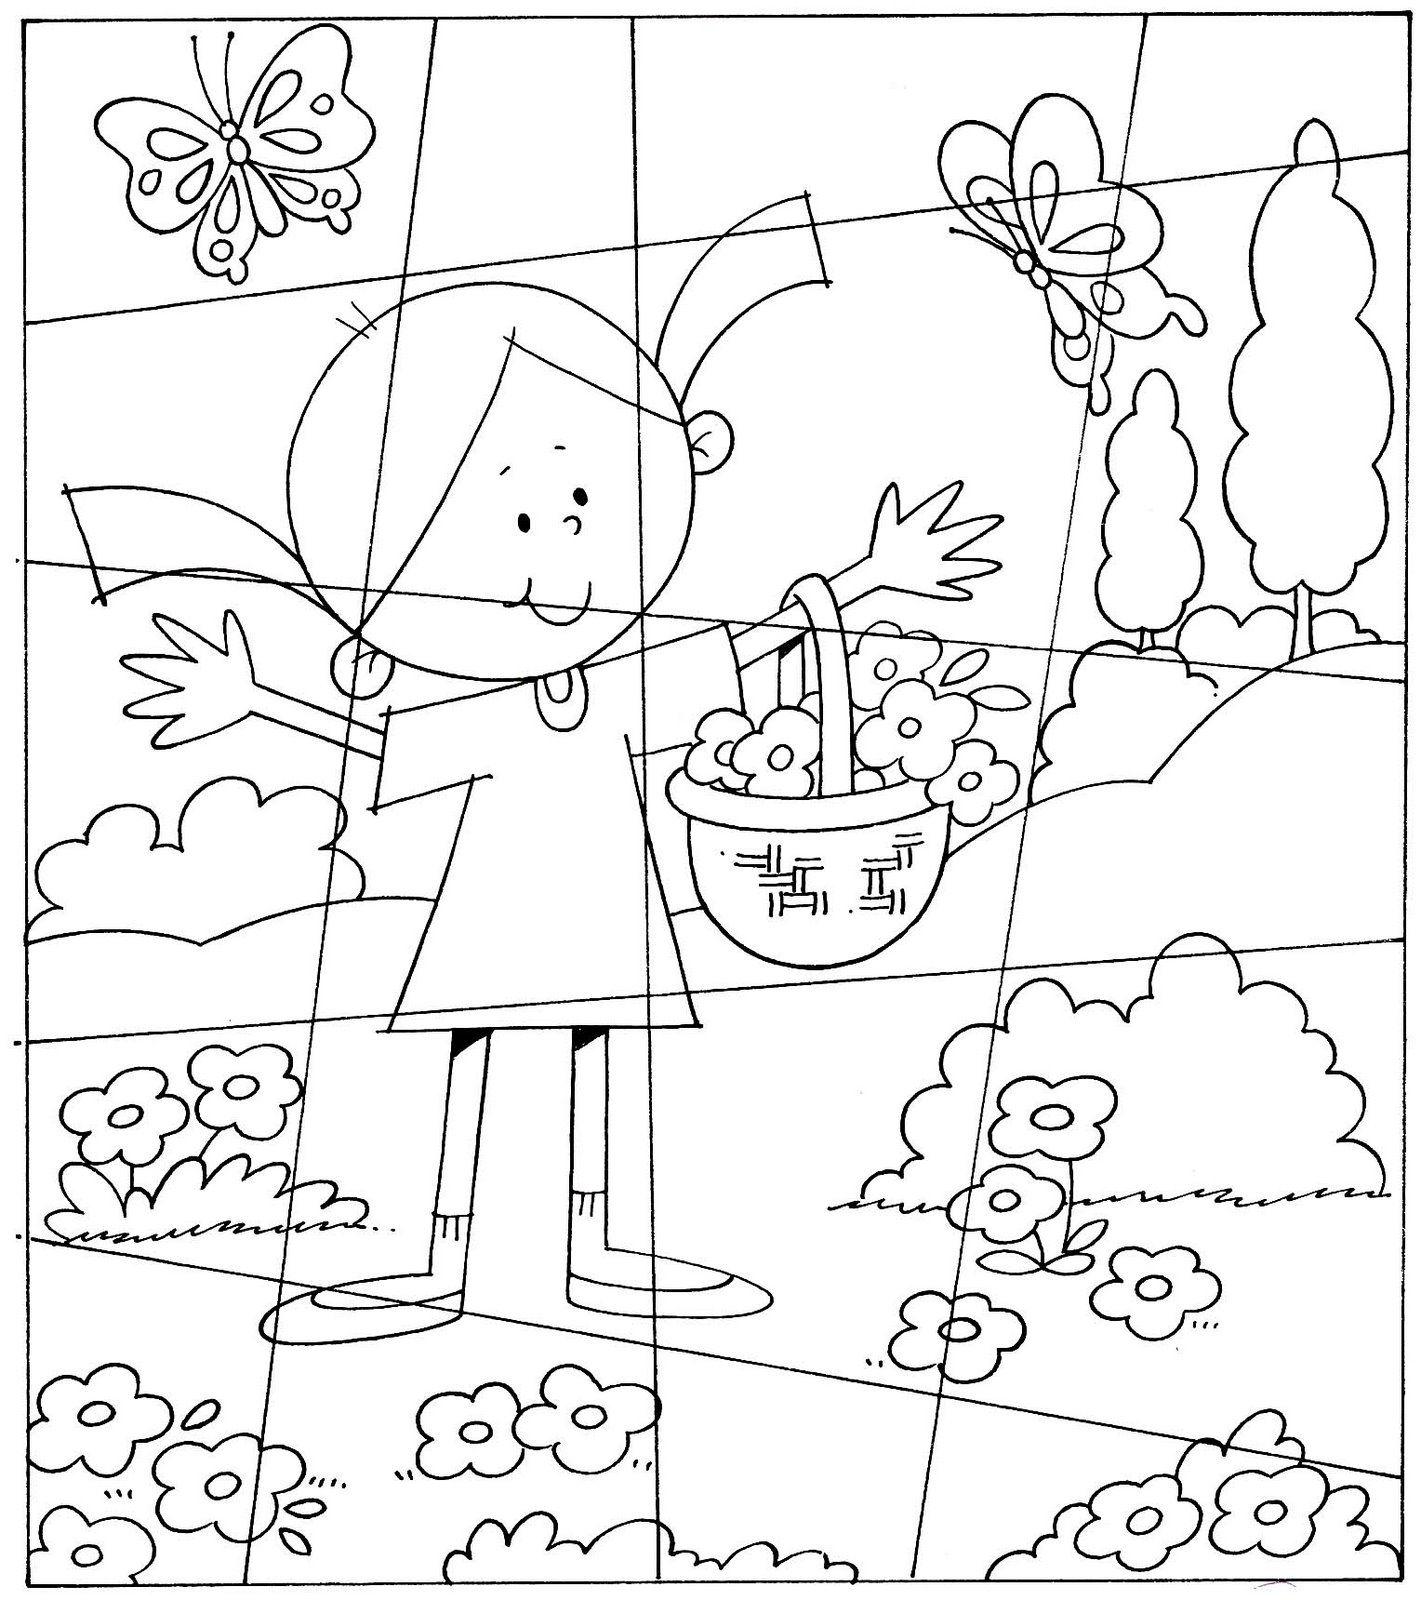 Crianças - Puzzles para imprimir pintar e montar - Educação Online ...